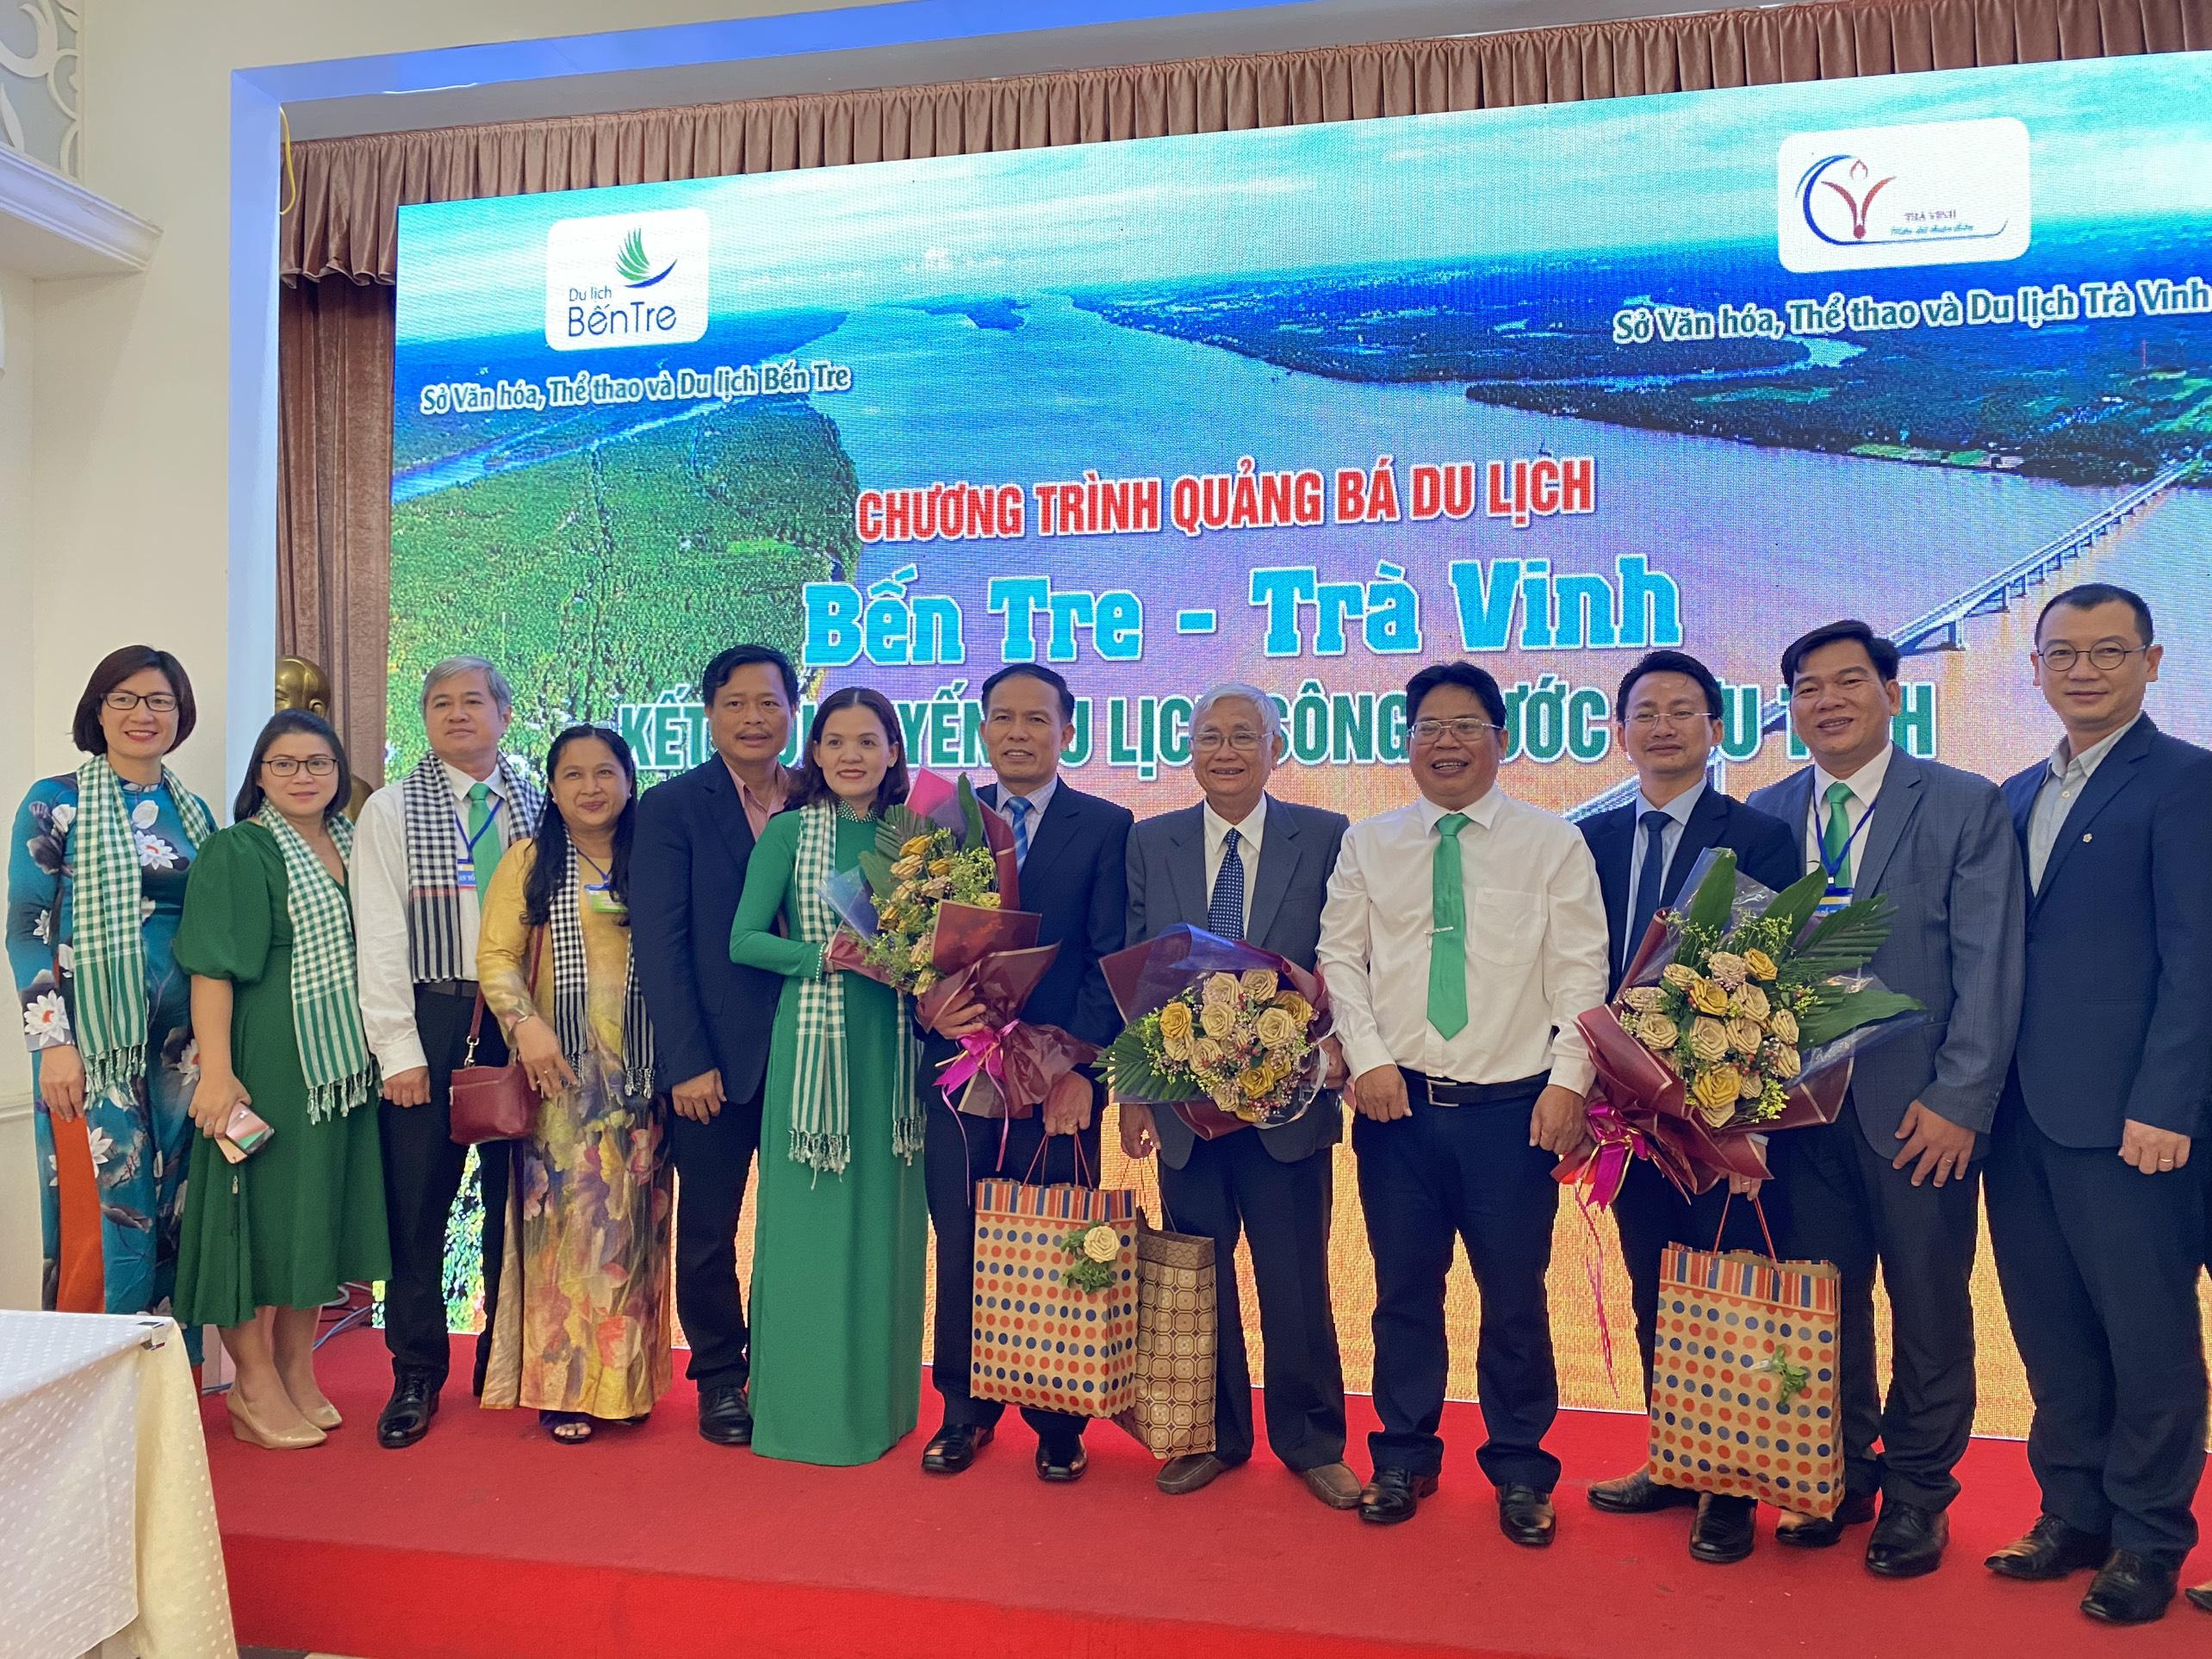 Bến Tre liên kết với Trà Vinh quảng bá du lịch tại Hà Nội